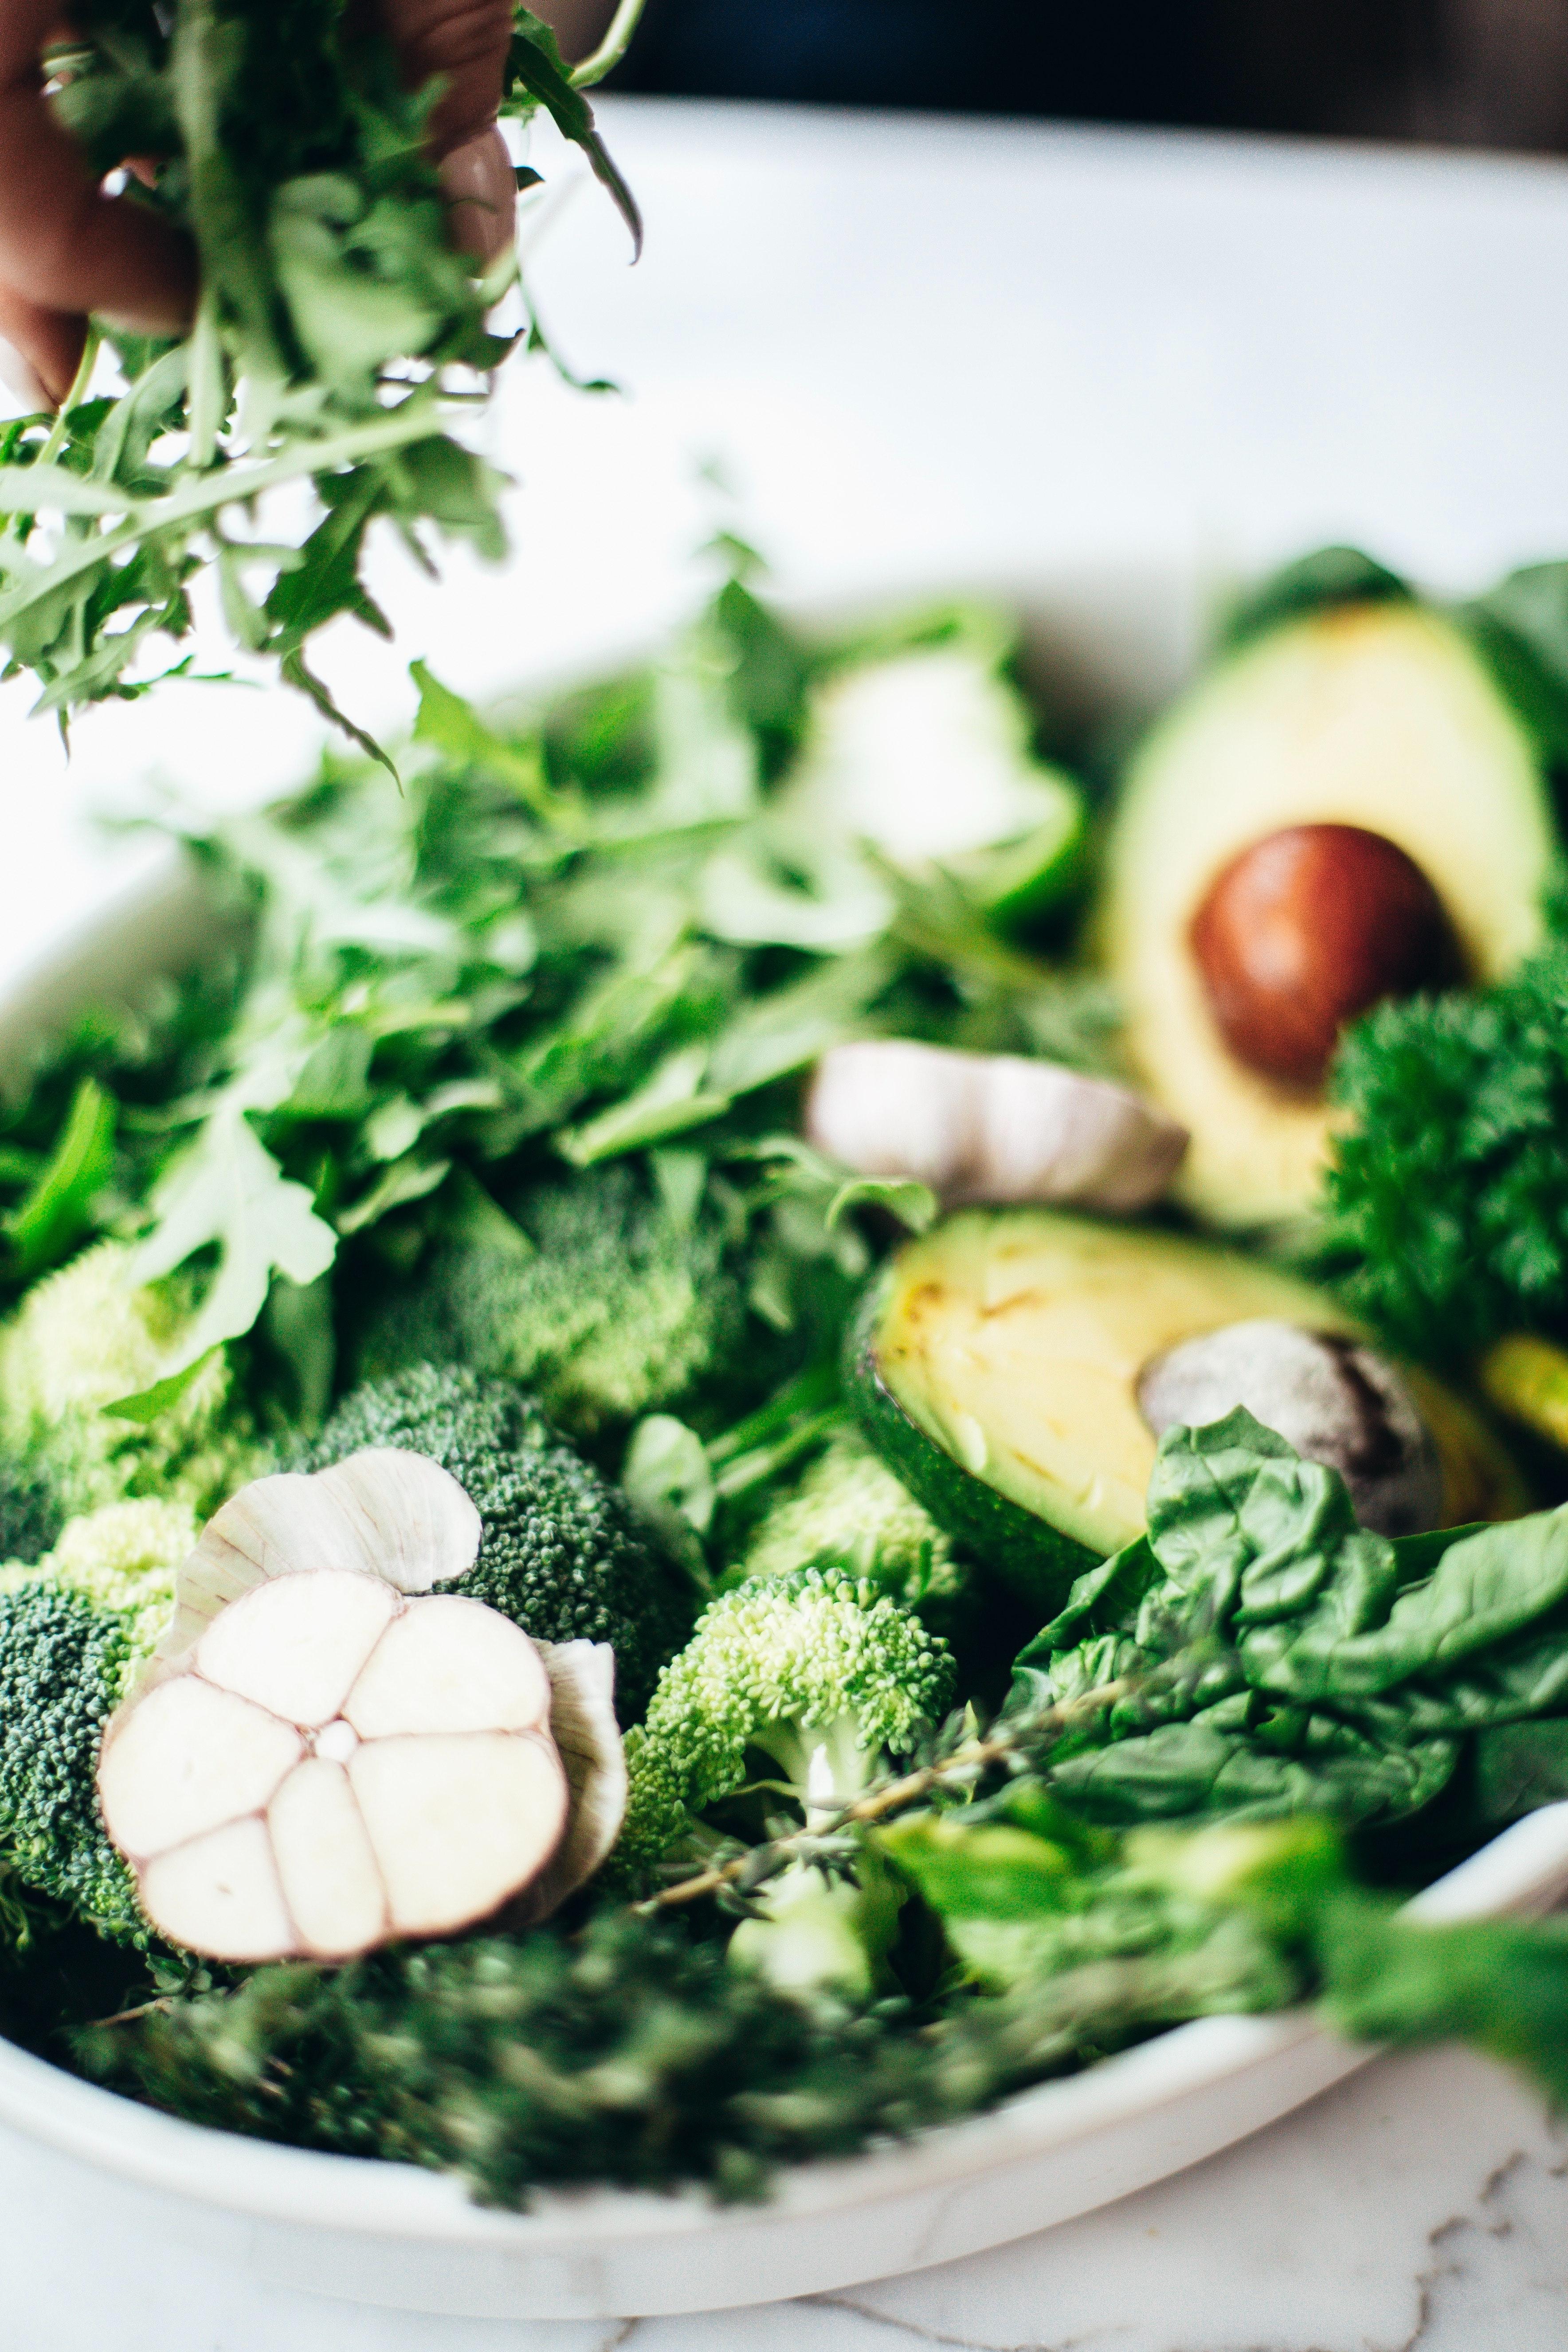 Top Salad Recipes